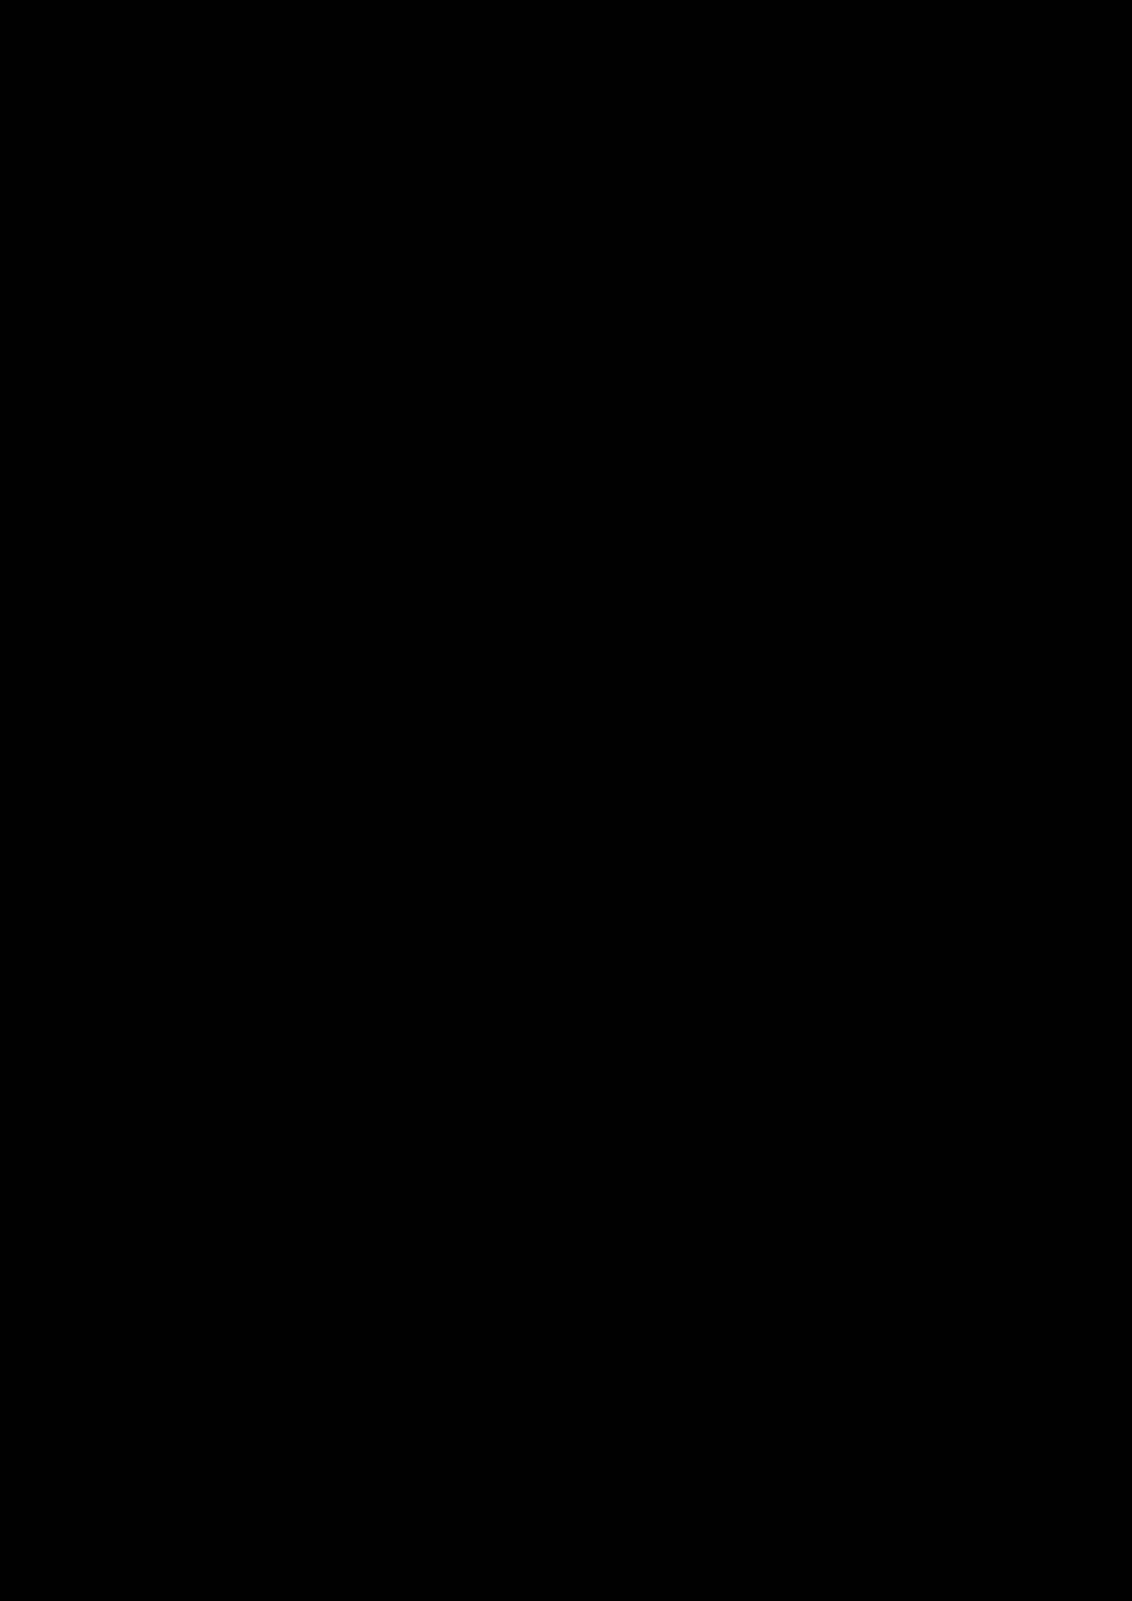 Serdtse slide, Image 29